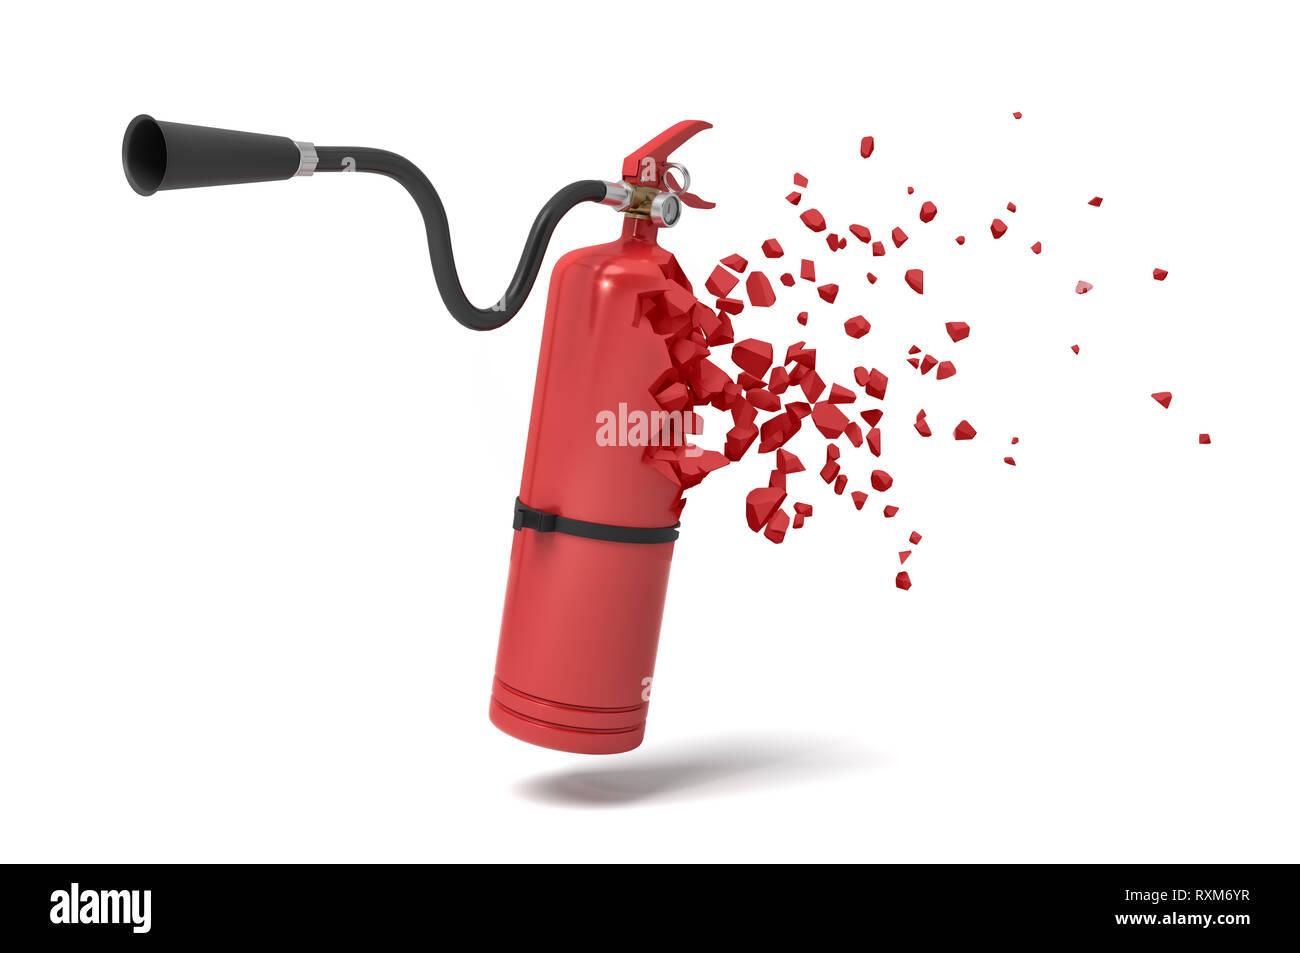 3D-Rendering von roten Feuerlöscher Start in die Partikel auf weißem Hintergrund zu lösen. Stockbild